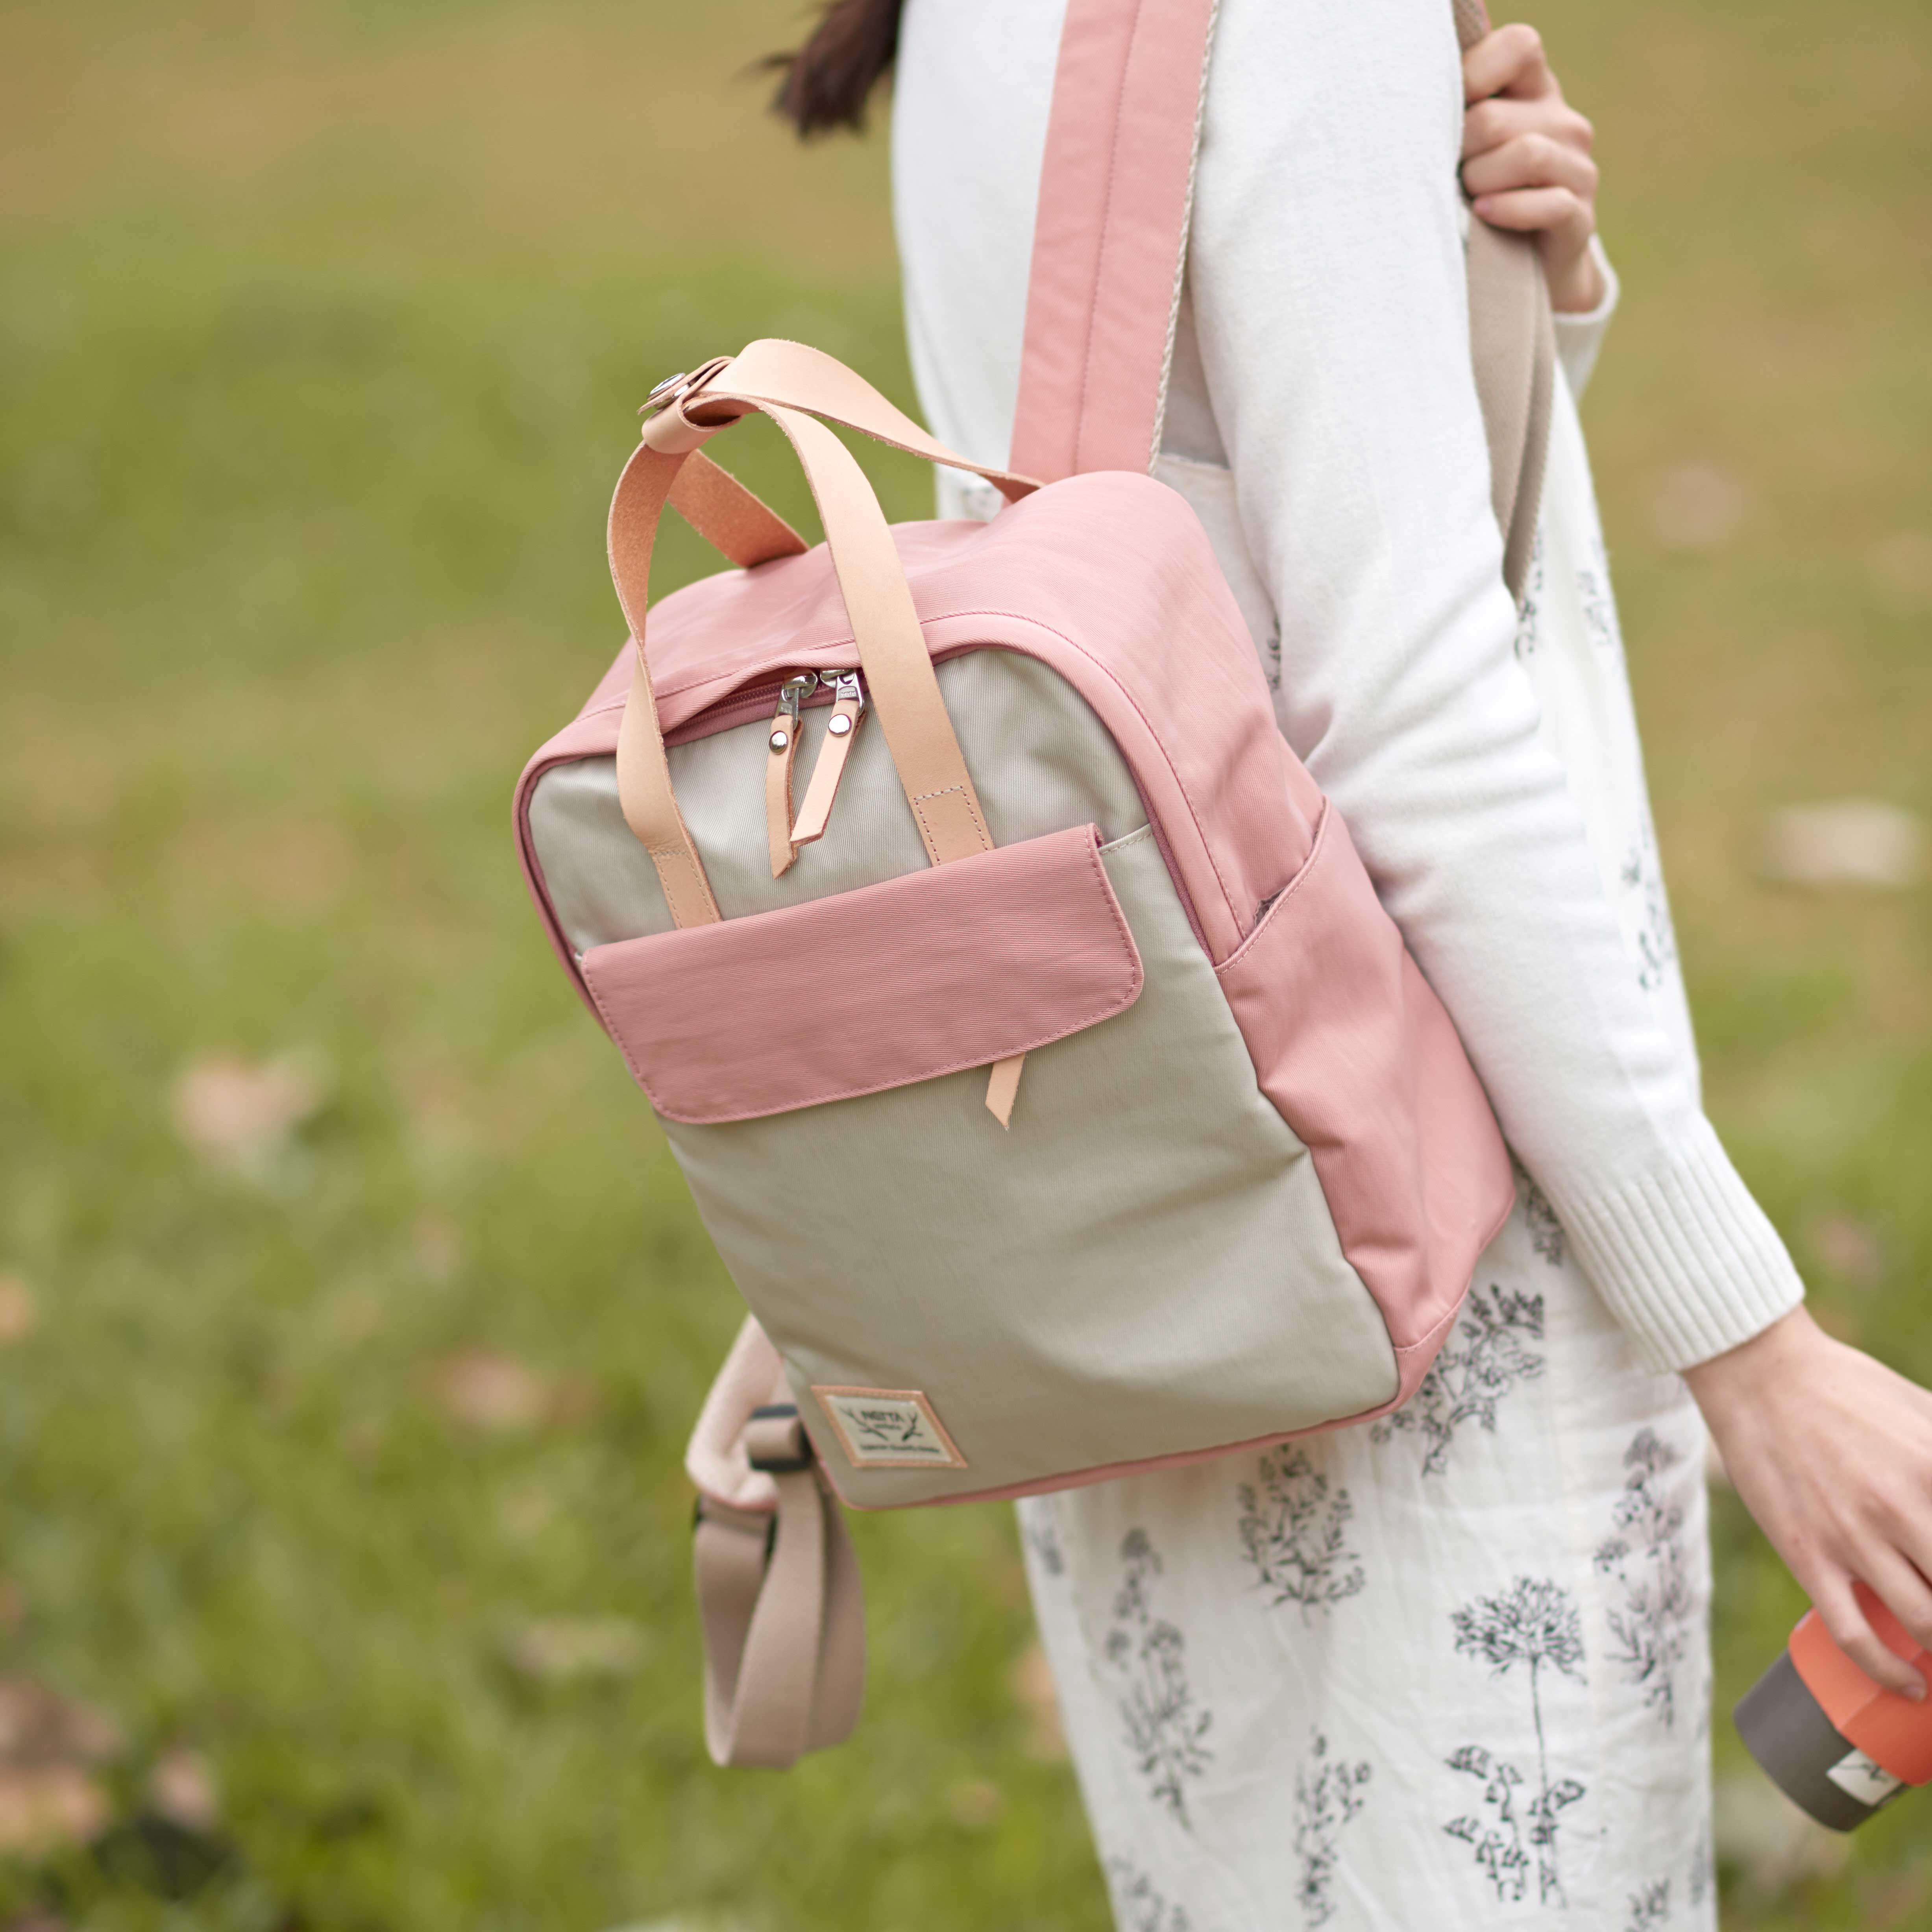 防潑水後背包 / 野餐系列 / 粉紅x米白 / 尺寸S號【NETTA】 3